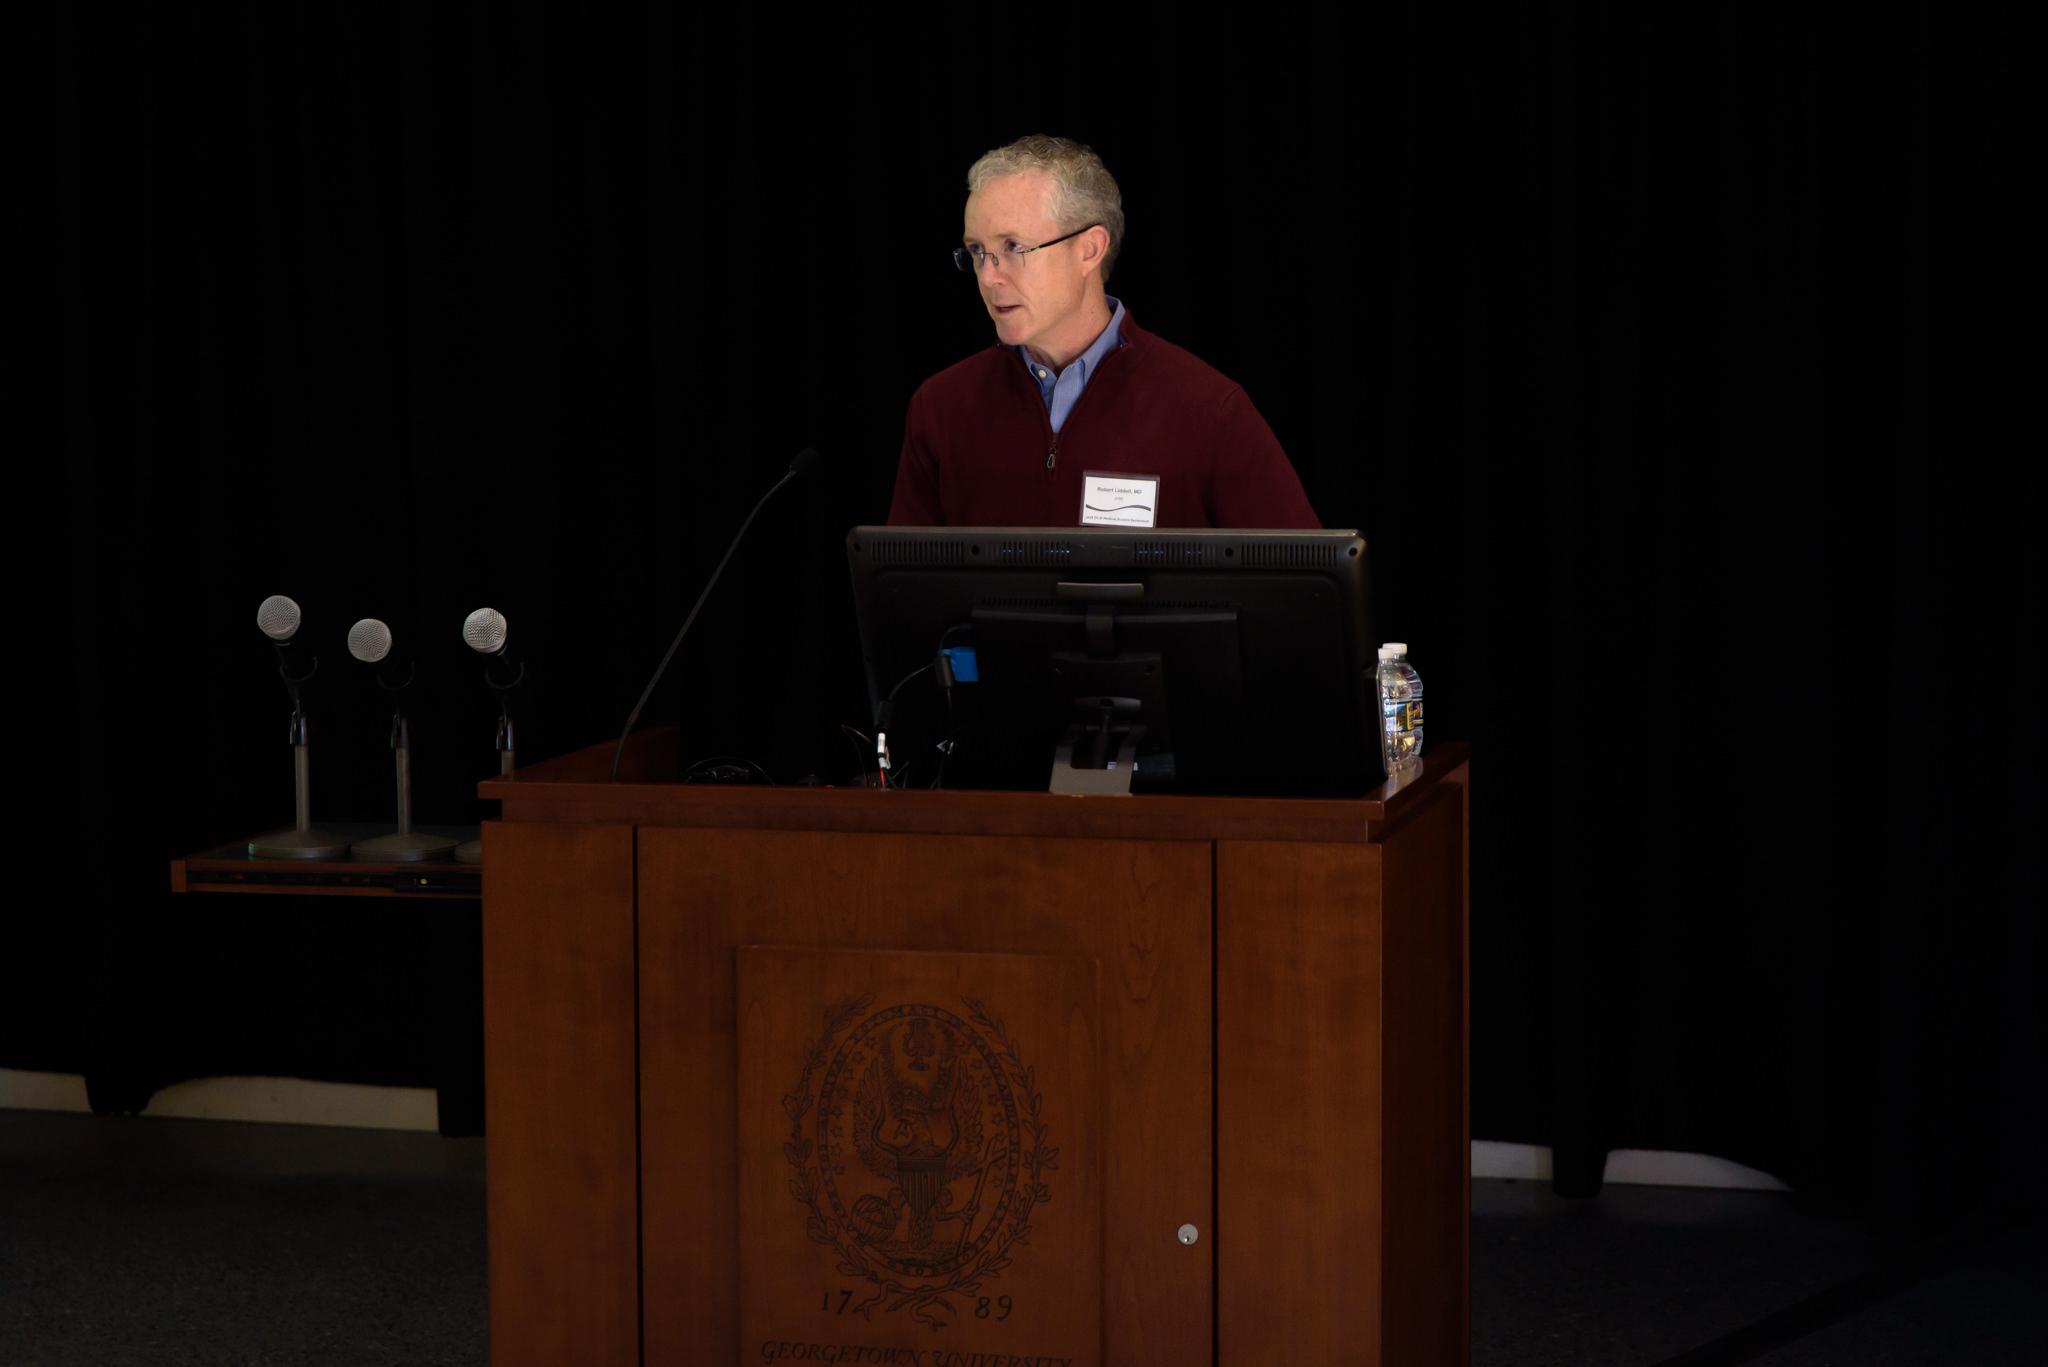 Dr. Robert Liddell